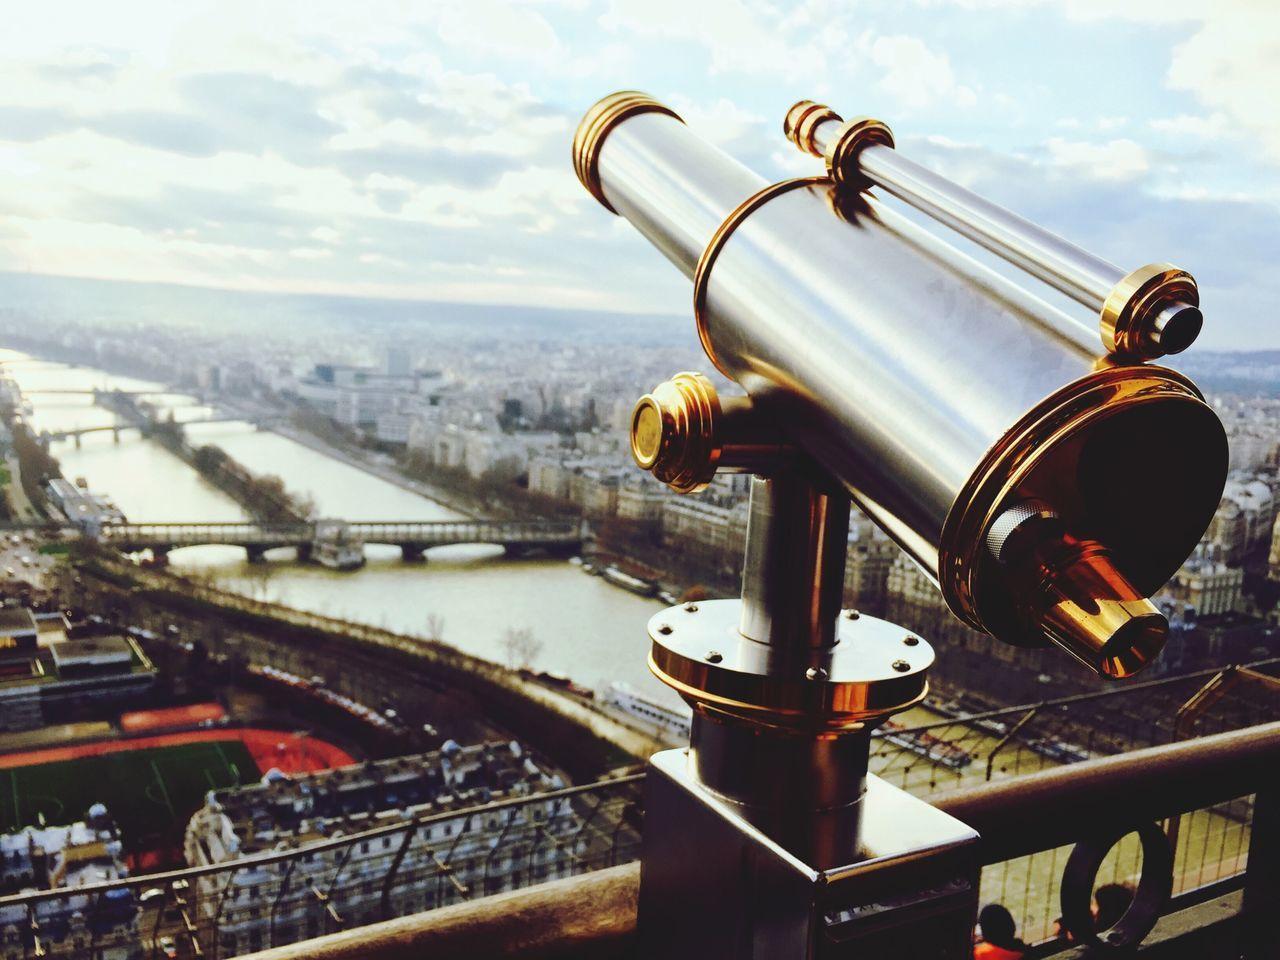 Beautiful Traveling Architecture Panorama Sky City Paris Building Enjoying Life Popular Photos